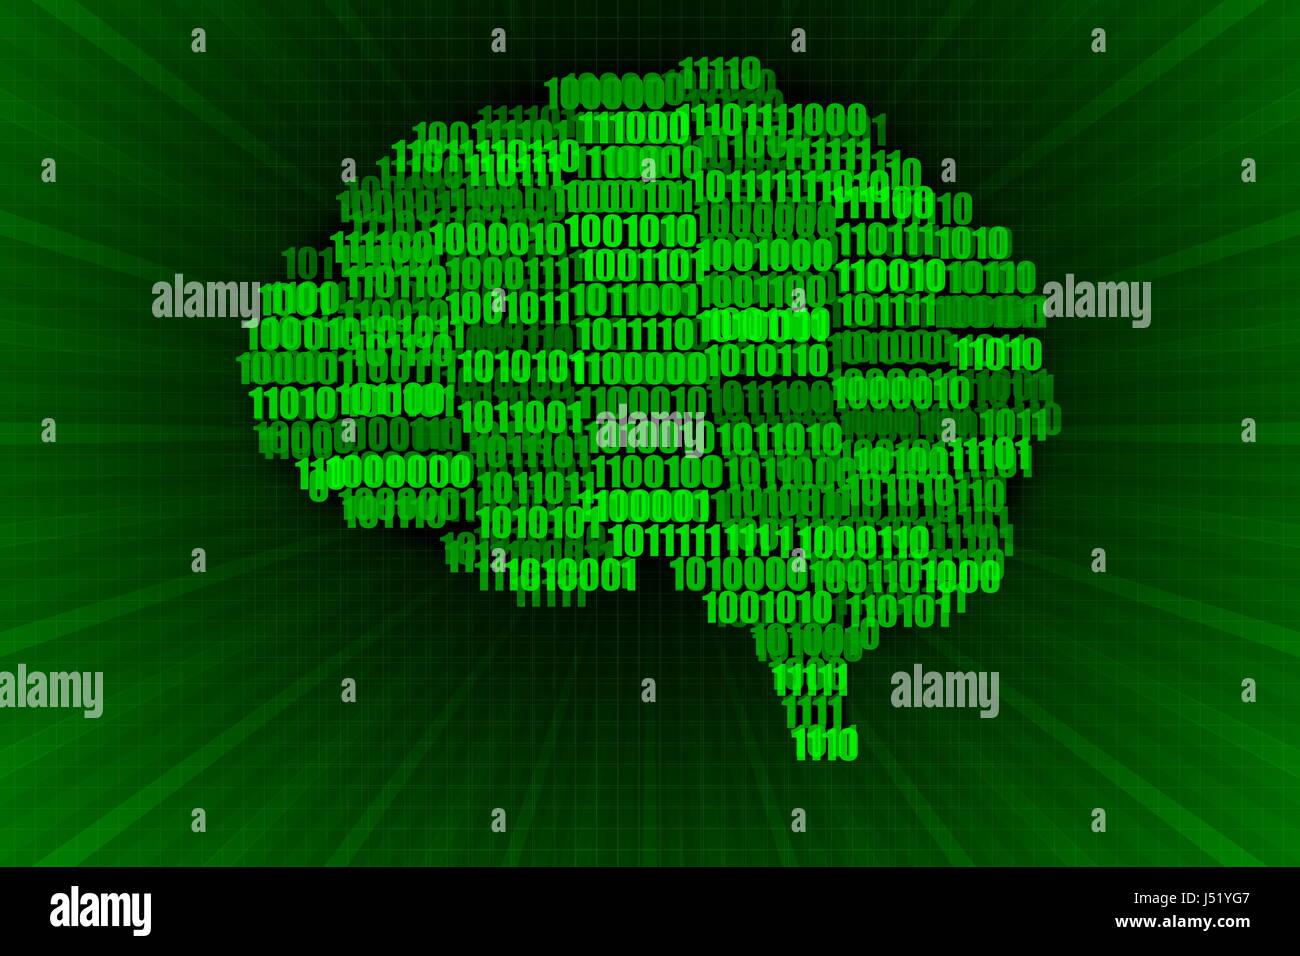 Verde sobre negro cerebro Digital ilustración del concepto Imagen De Stock